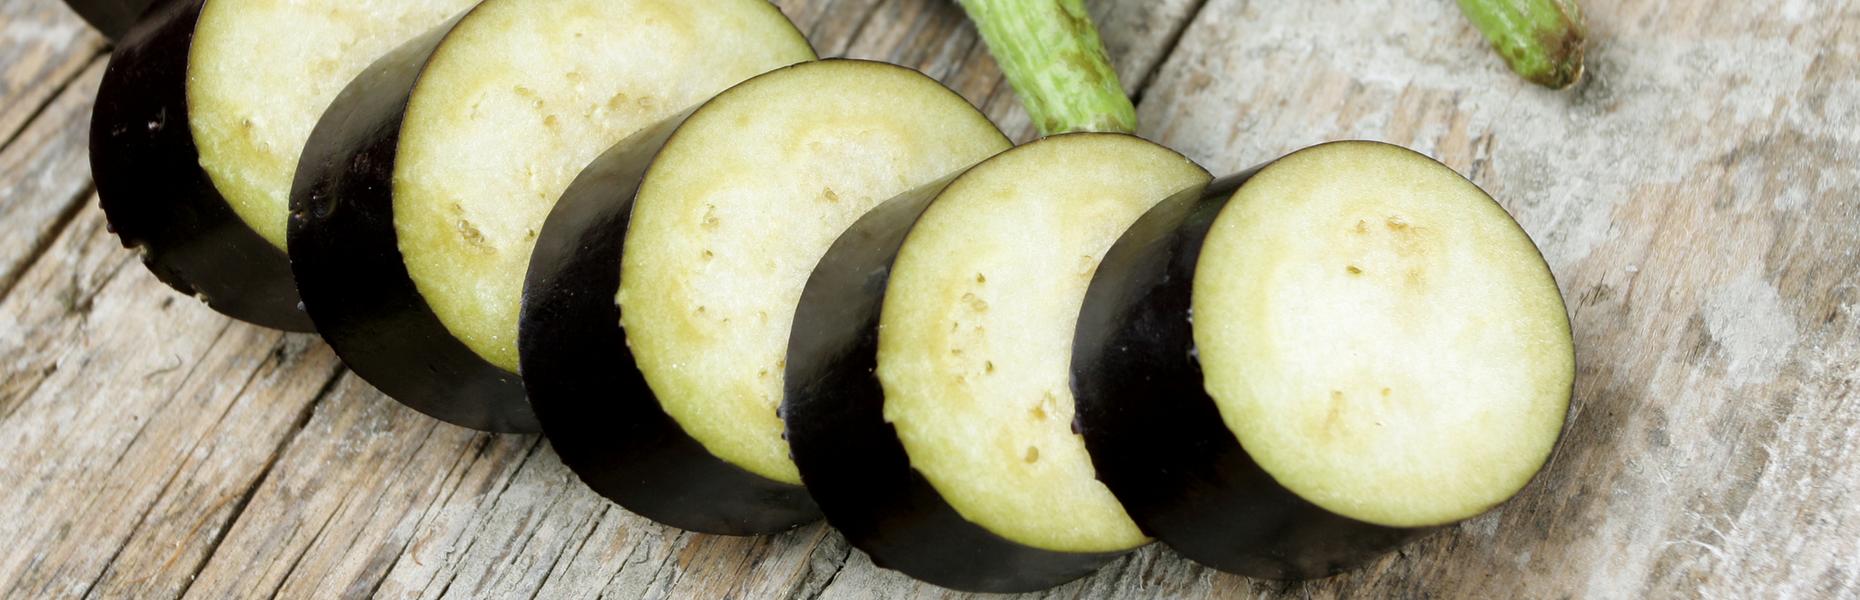 Health Eggplant Recipes